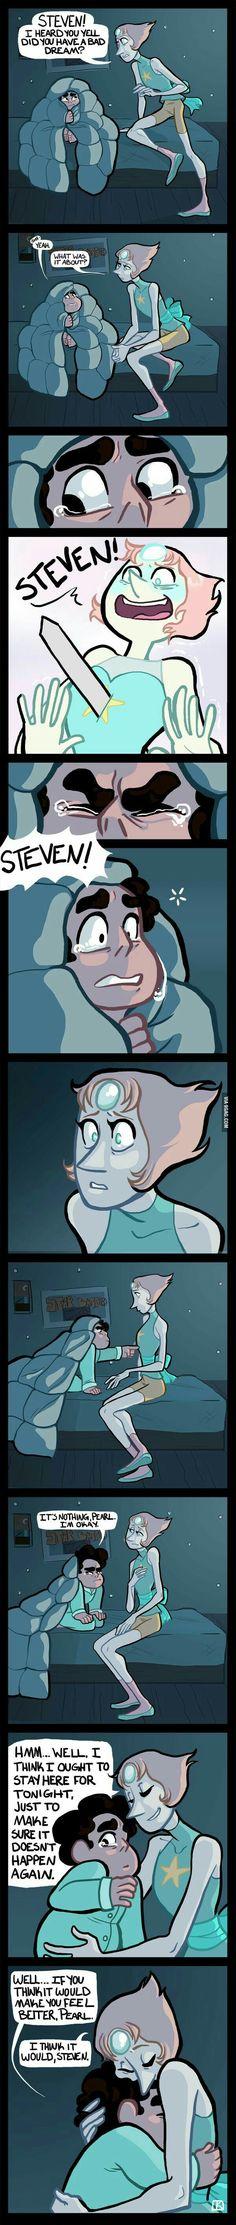 Bad dream (Animation  : Steven Universe) - 9GAG